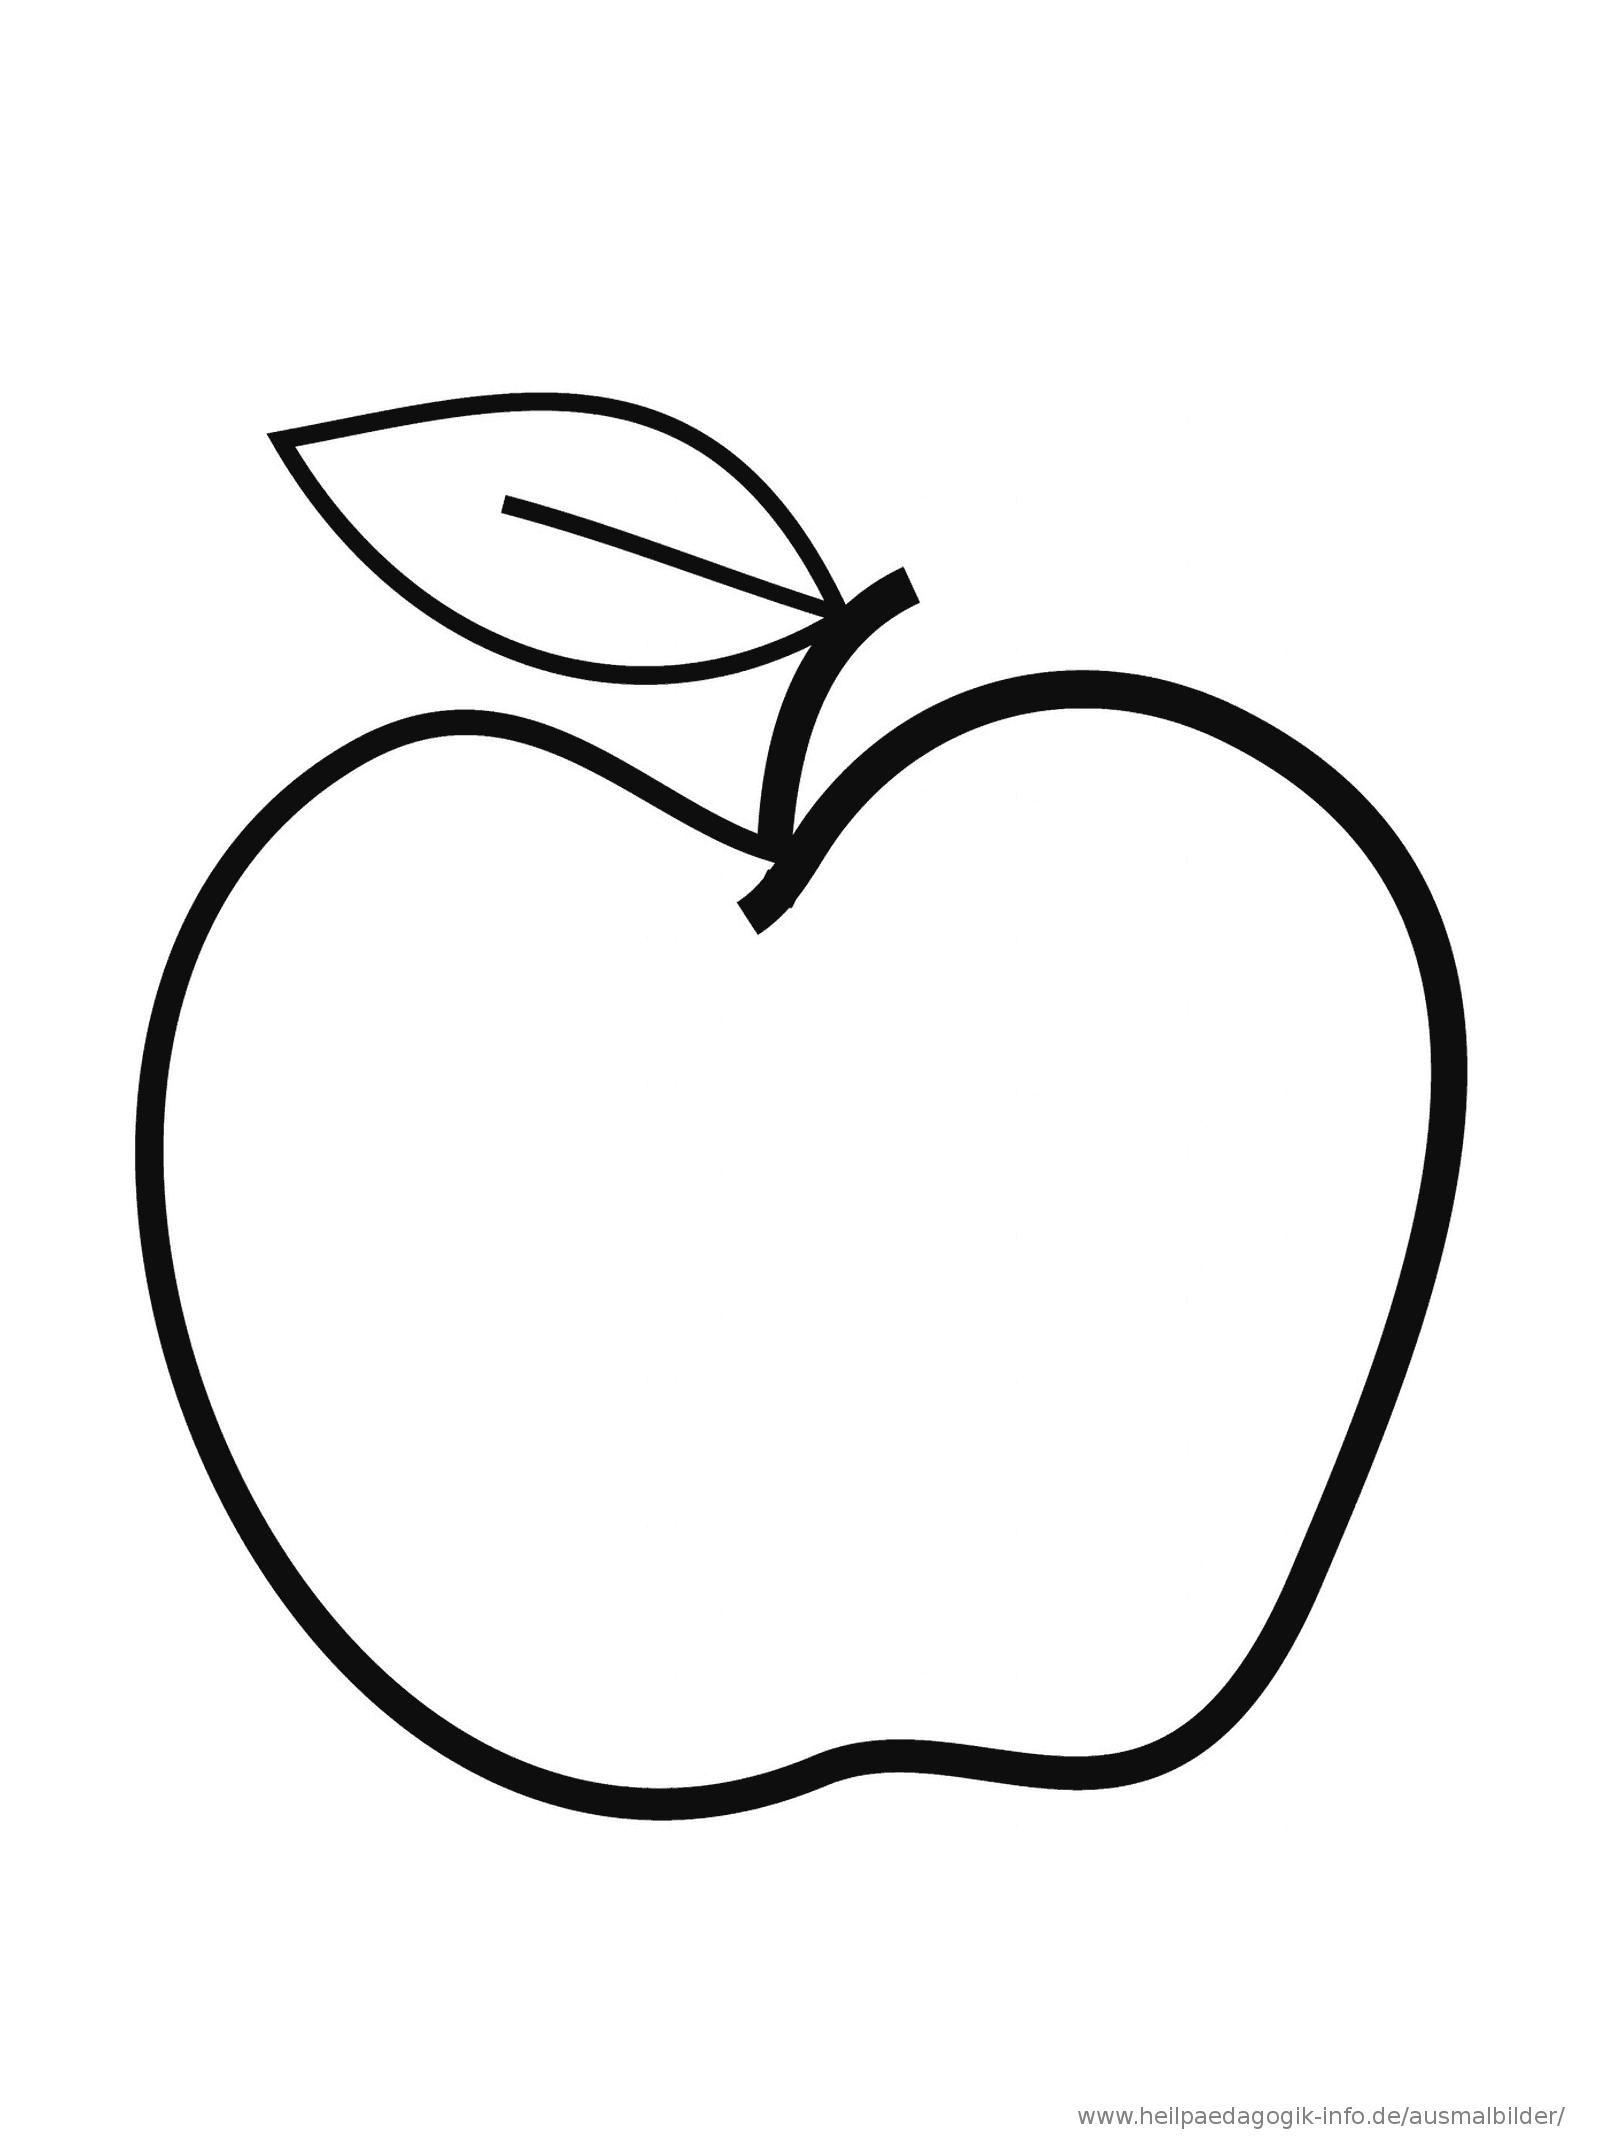 Https Www Heilpaedagogik Info De Kinder Ausmalbilder Ausmalbild Malvorlage Apfel 45 Ausmalbilder Essen Und Trinken 35 Png Malvorlagen Vorlagen Ausmalen